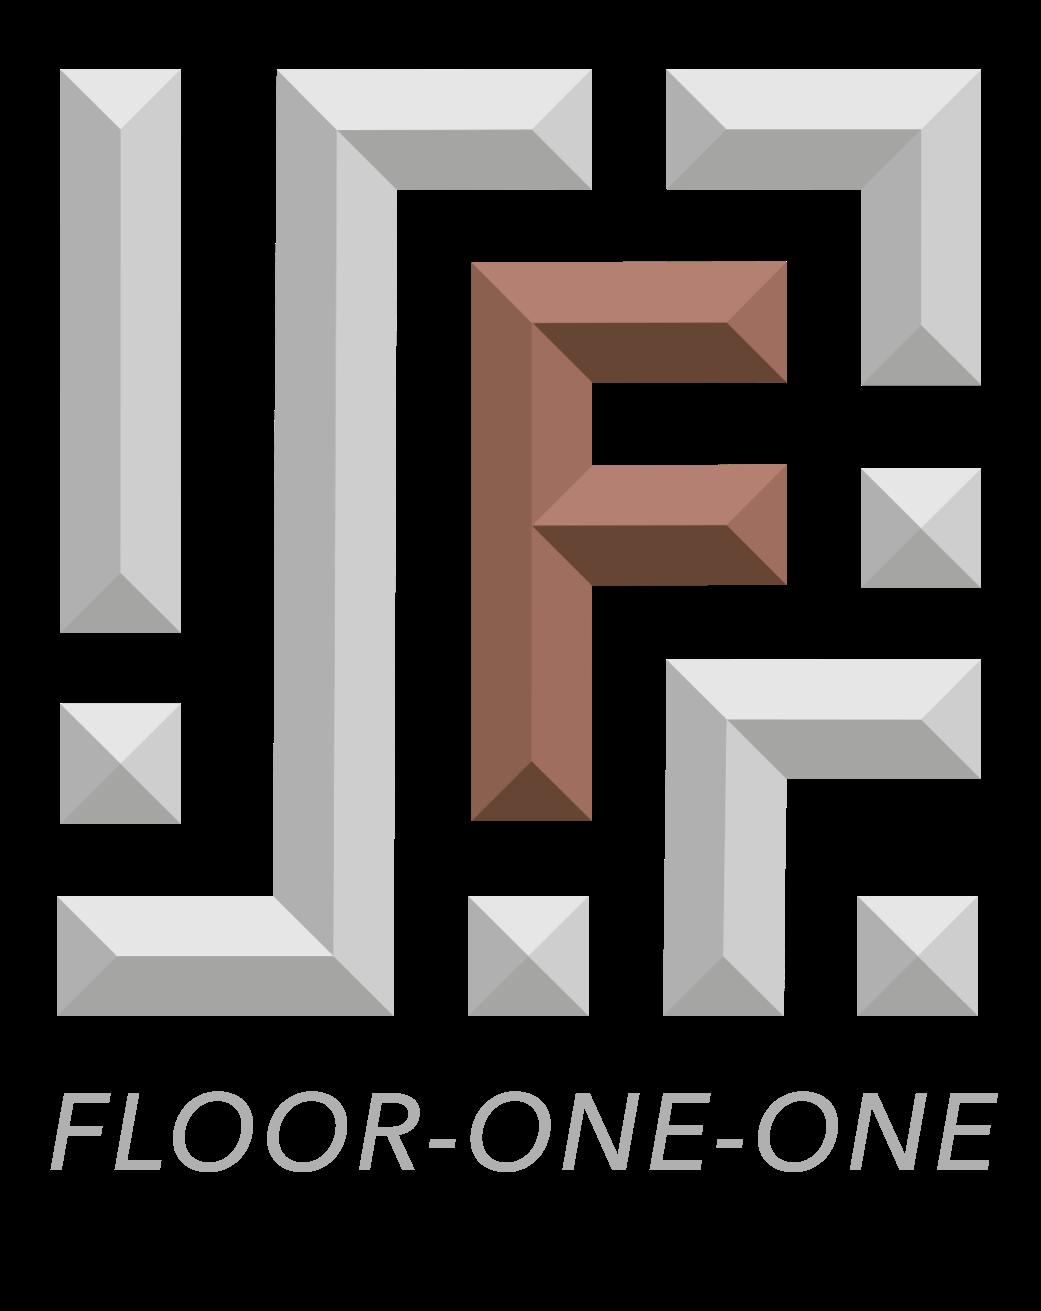 FLOOR-ONE-ONE